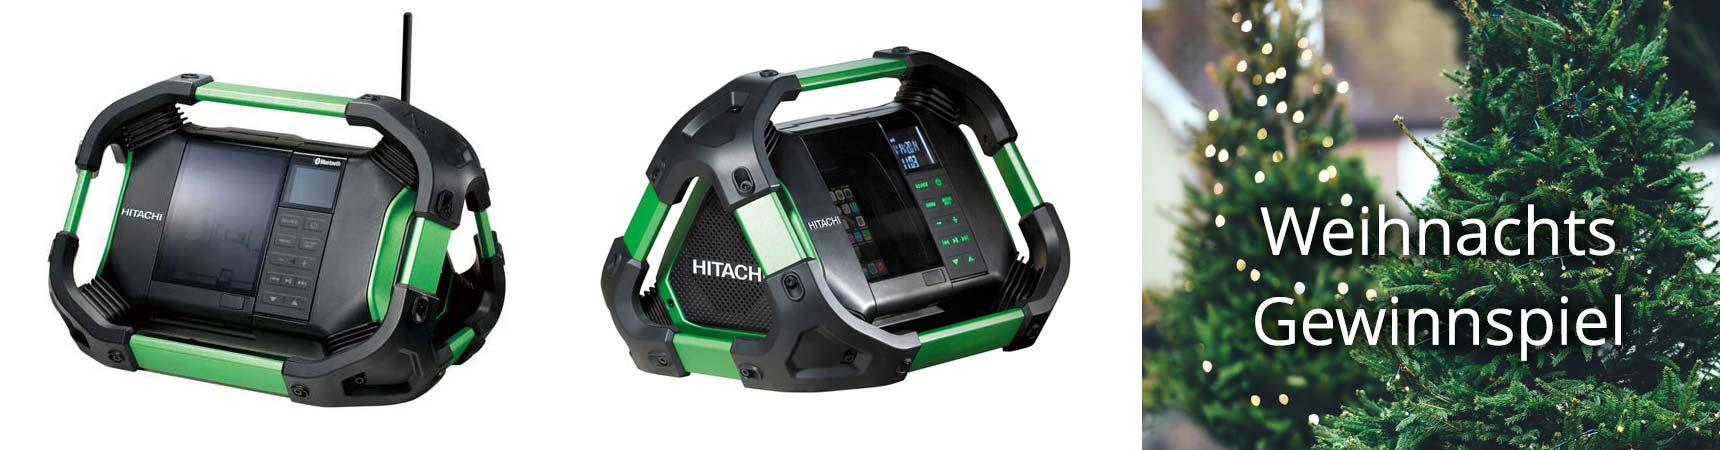 Akku-Radio von Hitachi gewinnen | Gewinnspiel bei Akkuline Shop